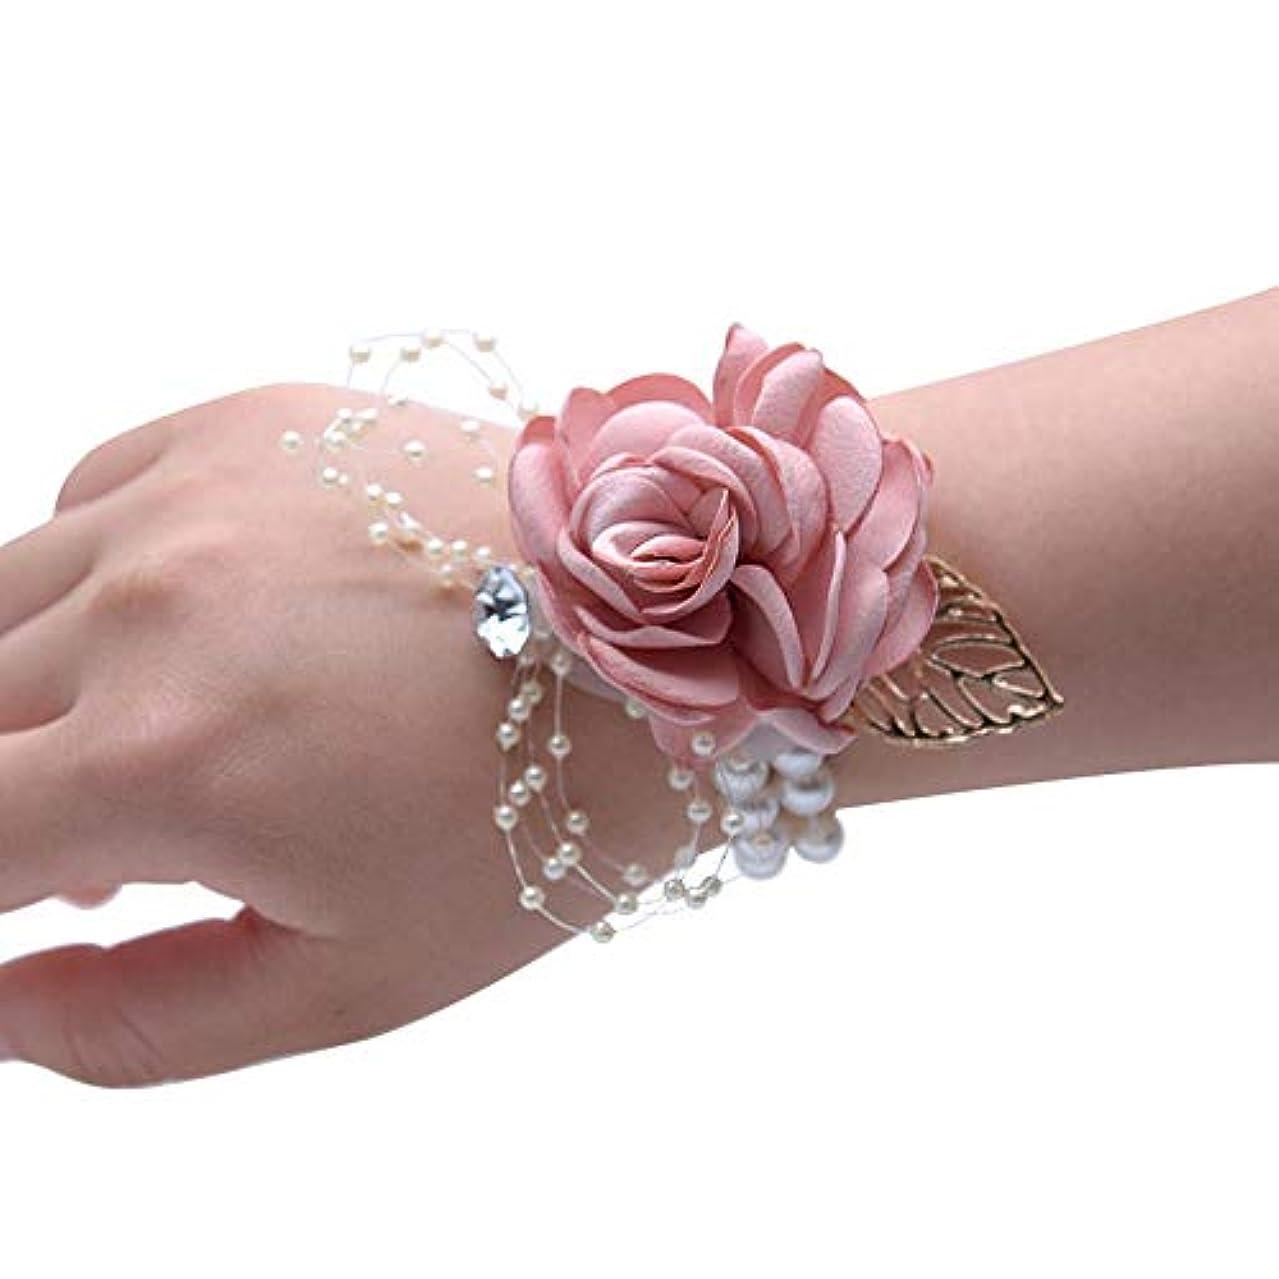 抑止する犯罪肉腫Merssavo 手首の花 - 女の子チャーム手首コサージュブレスレット花嫁介添人姉妹の手の花のどの真珠の結婚式、ピンク